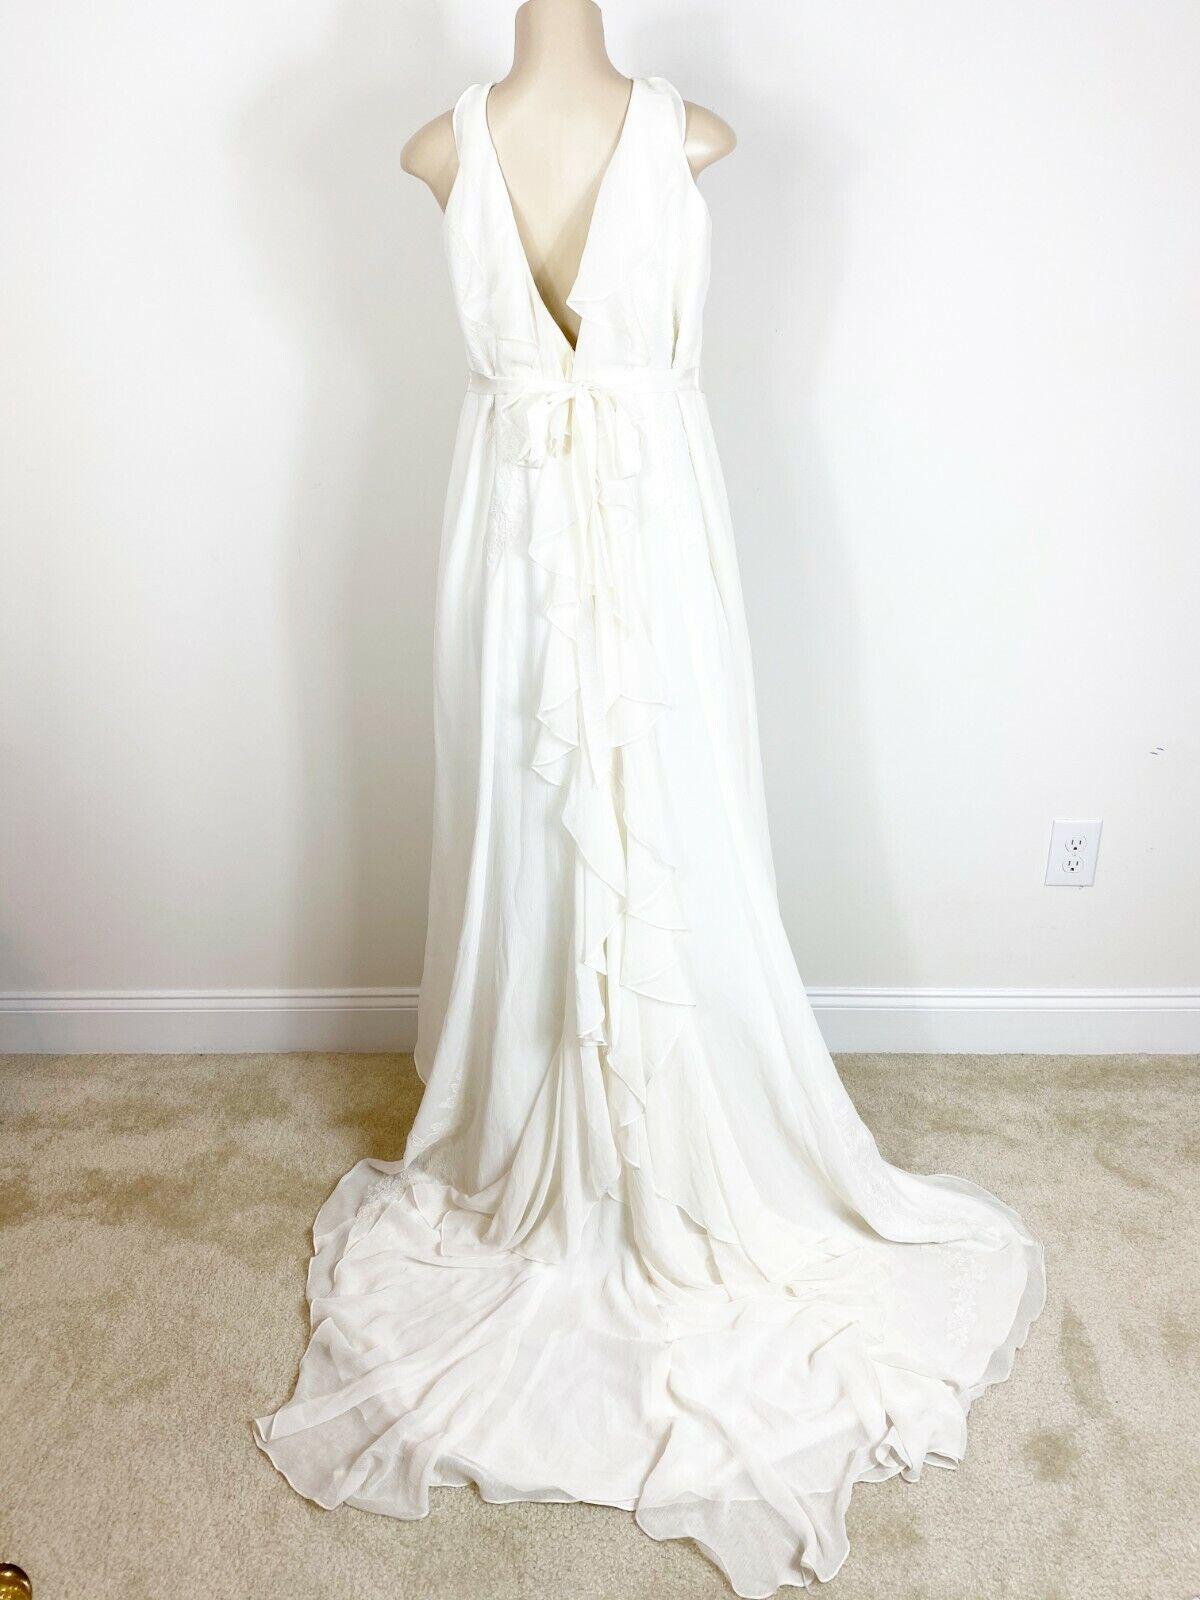 Galina Woman Ivory Wedding Dress V neck Back Lace Ruffles Train Size 22W